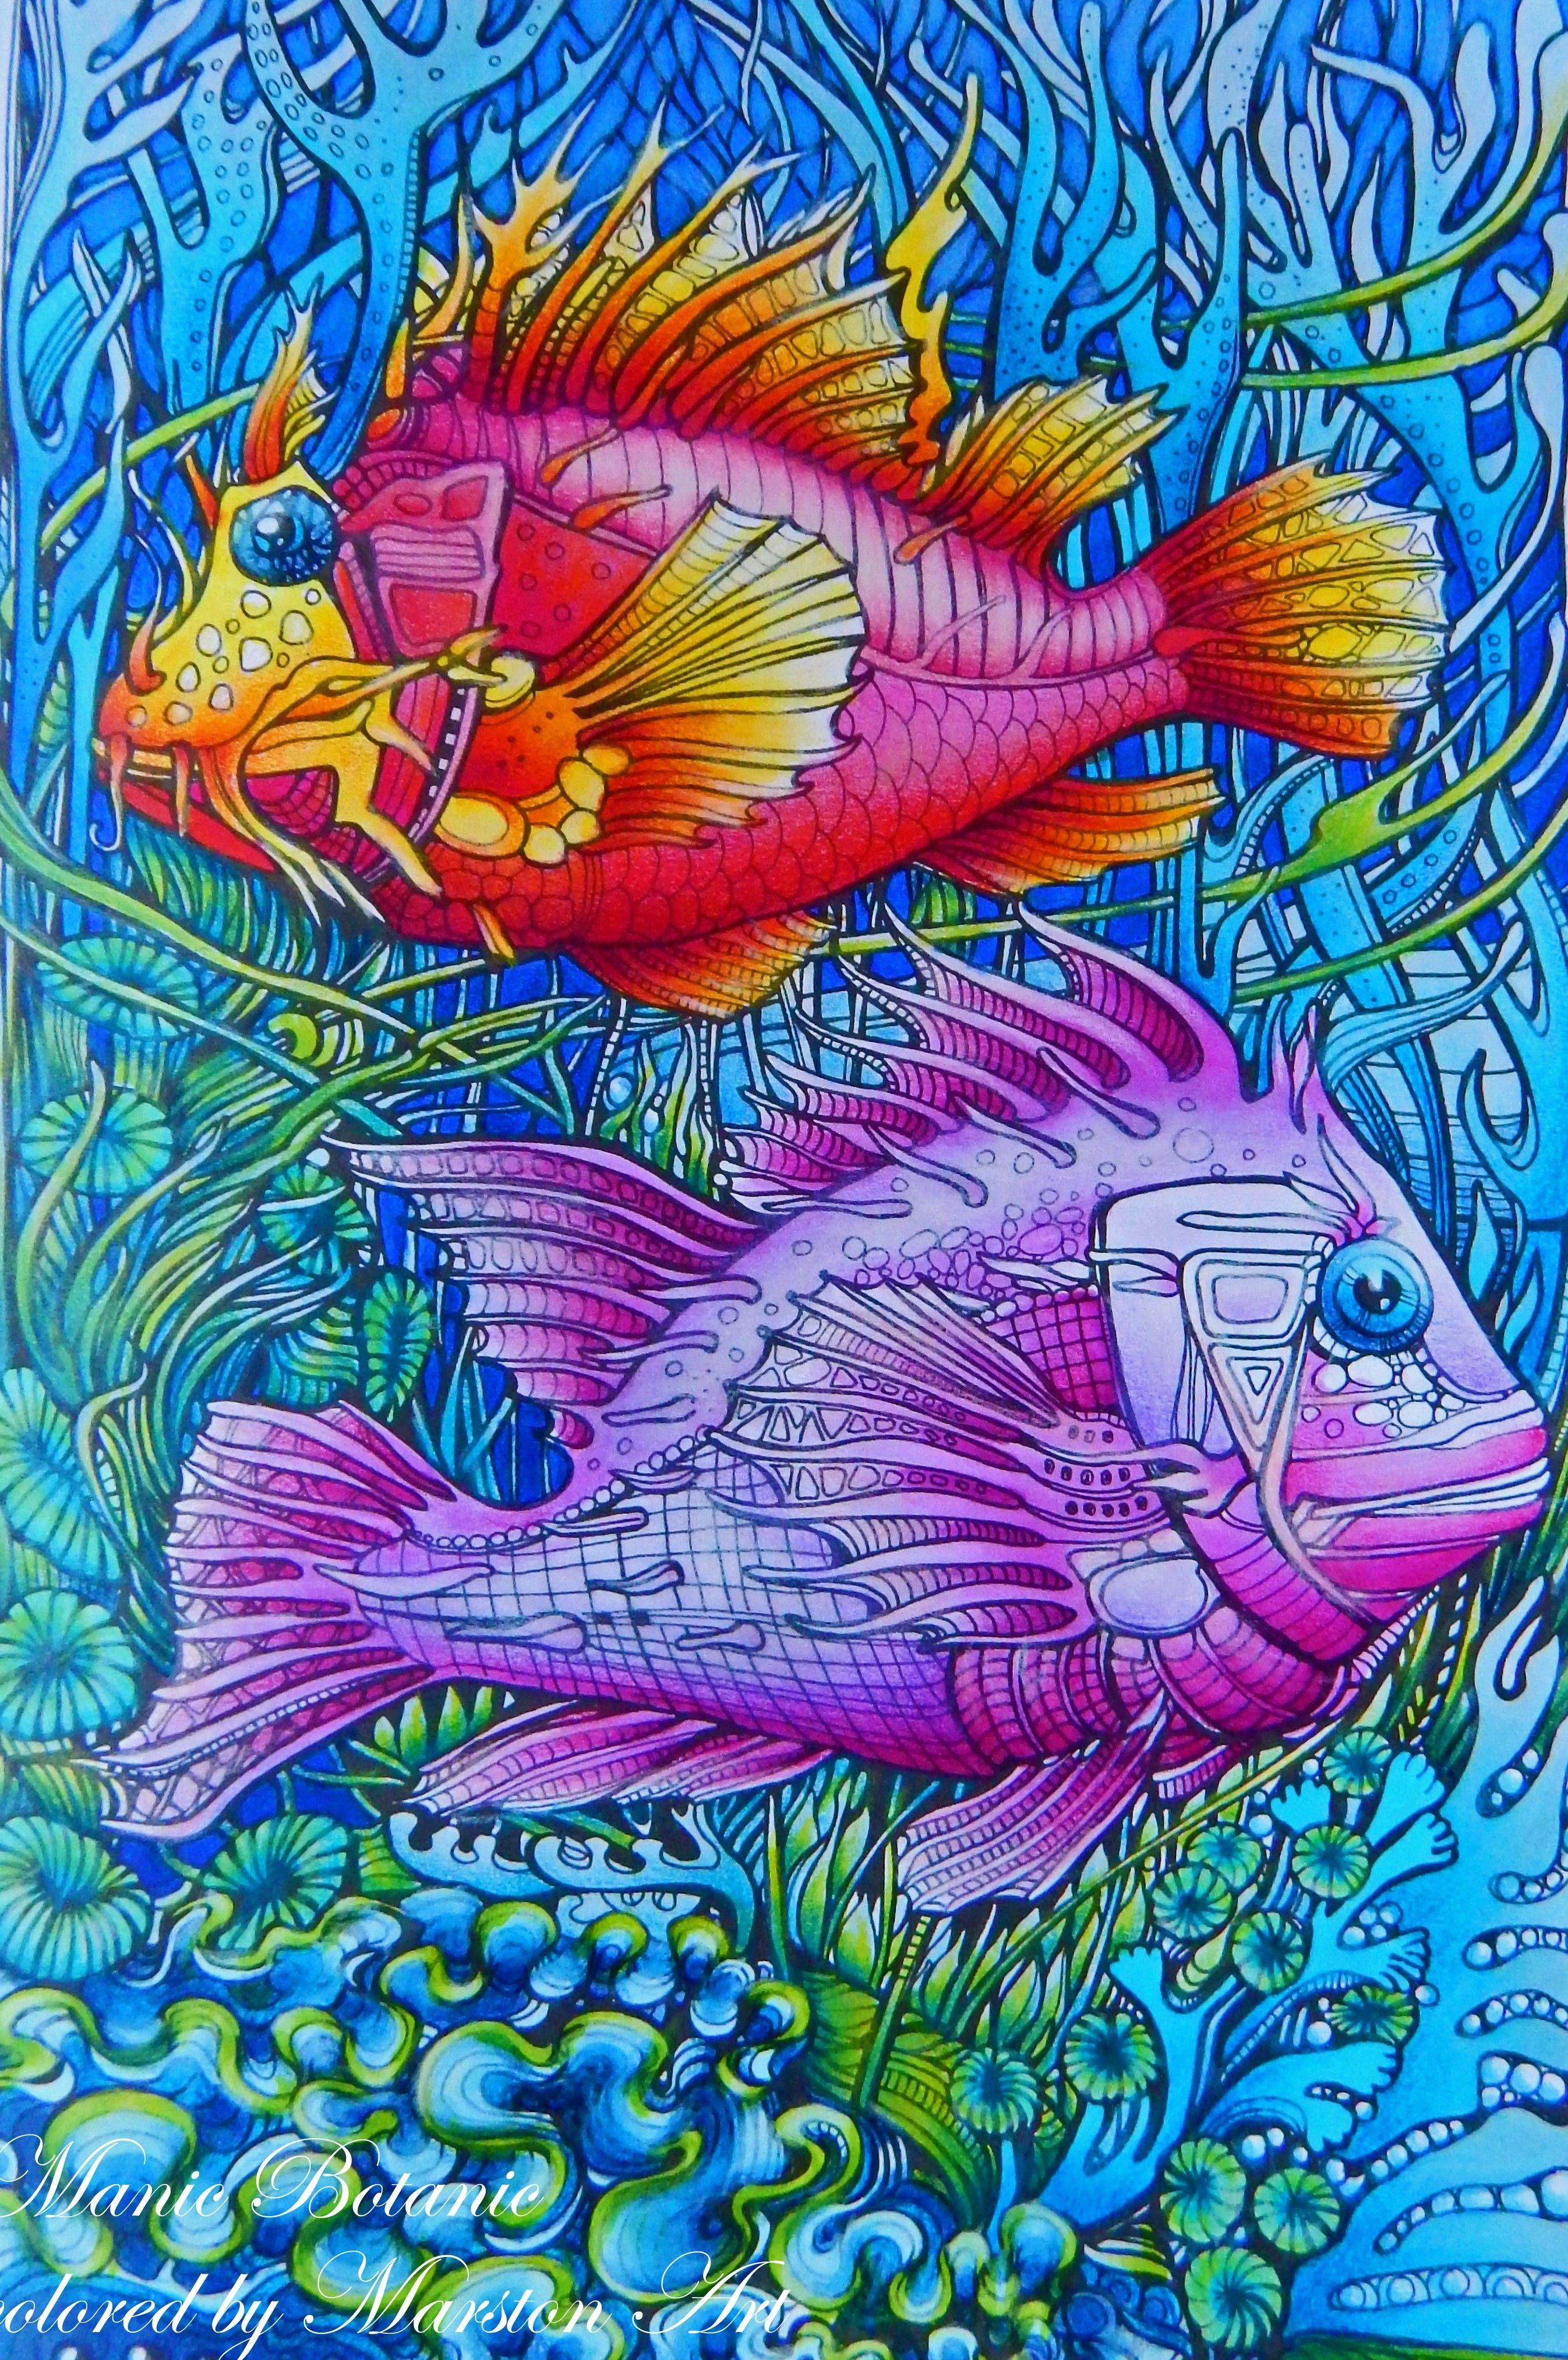 Manic Botanic von Irina Vinnik, Malbuch koloriert von Marston Art ...